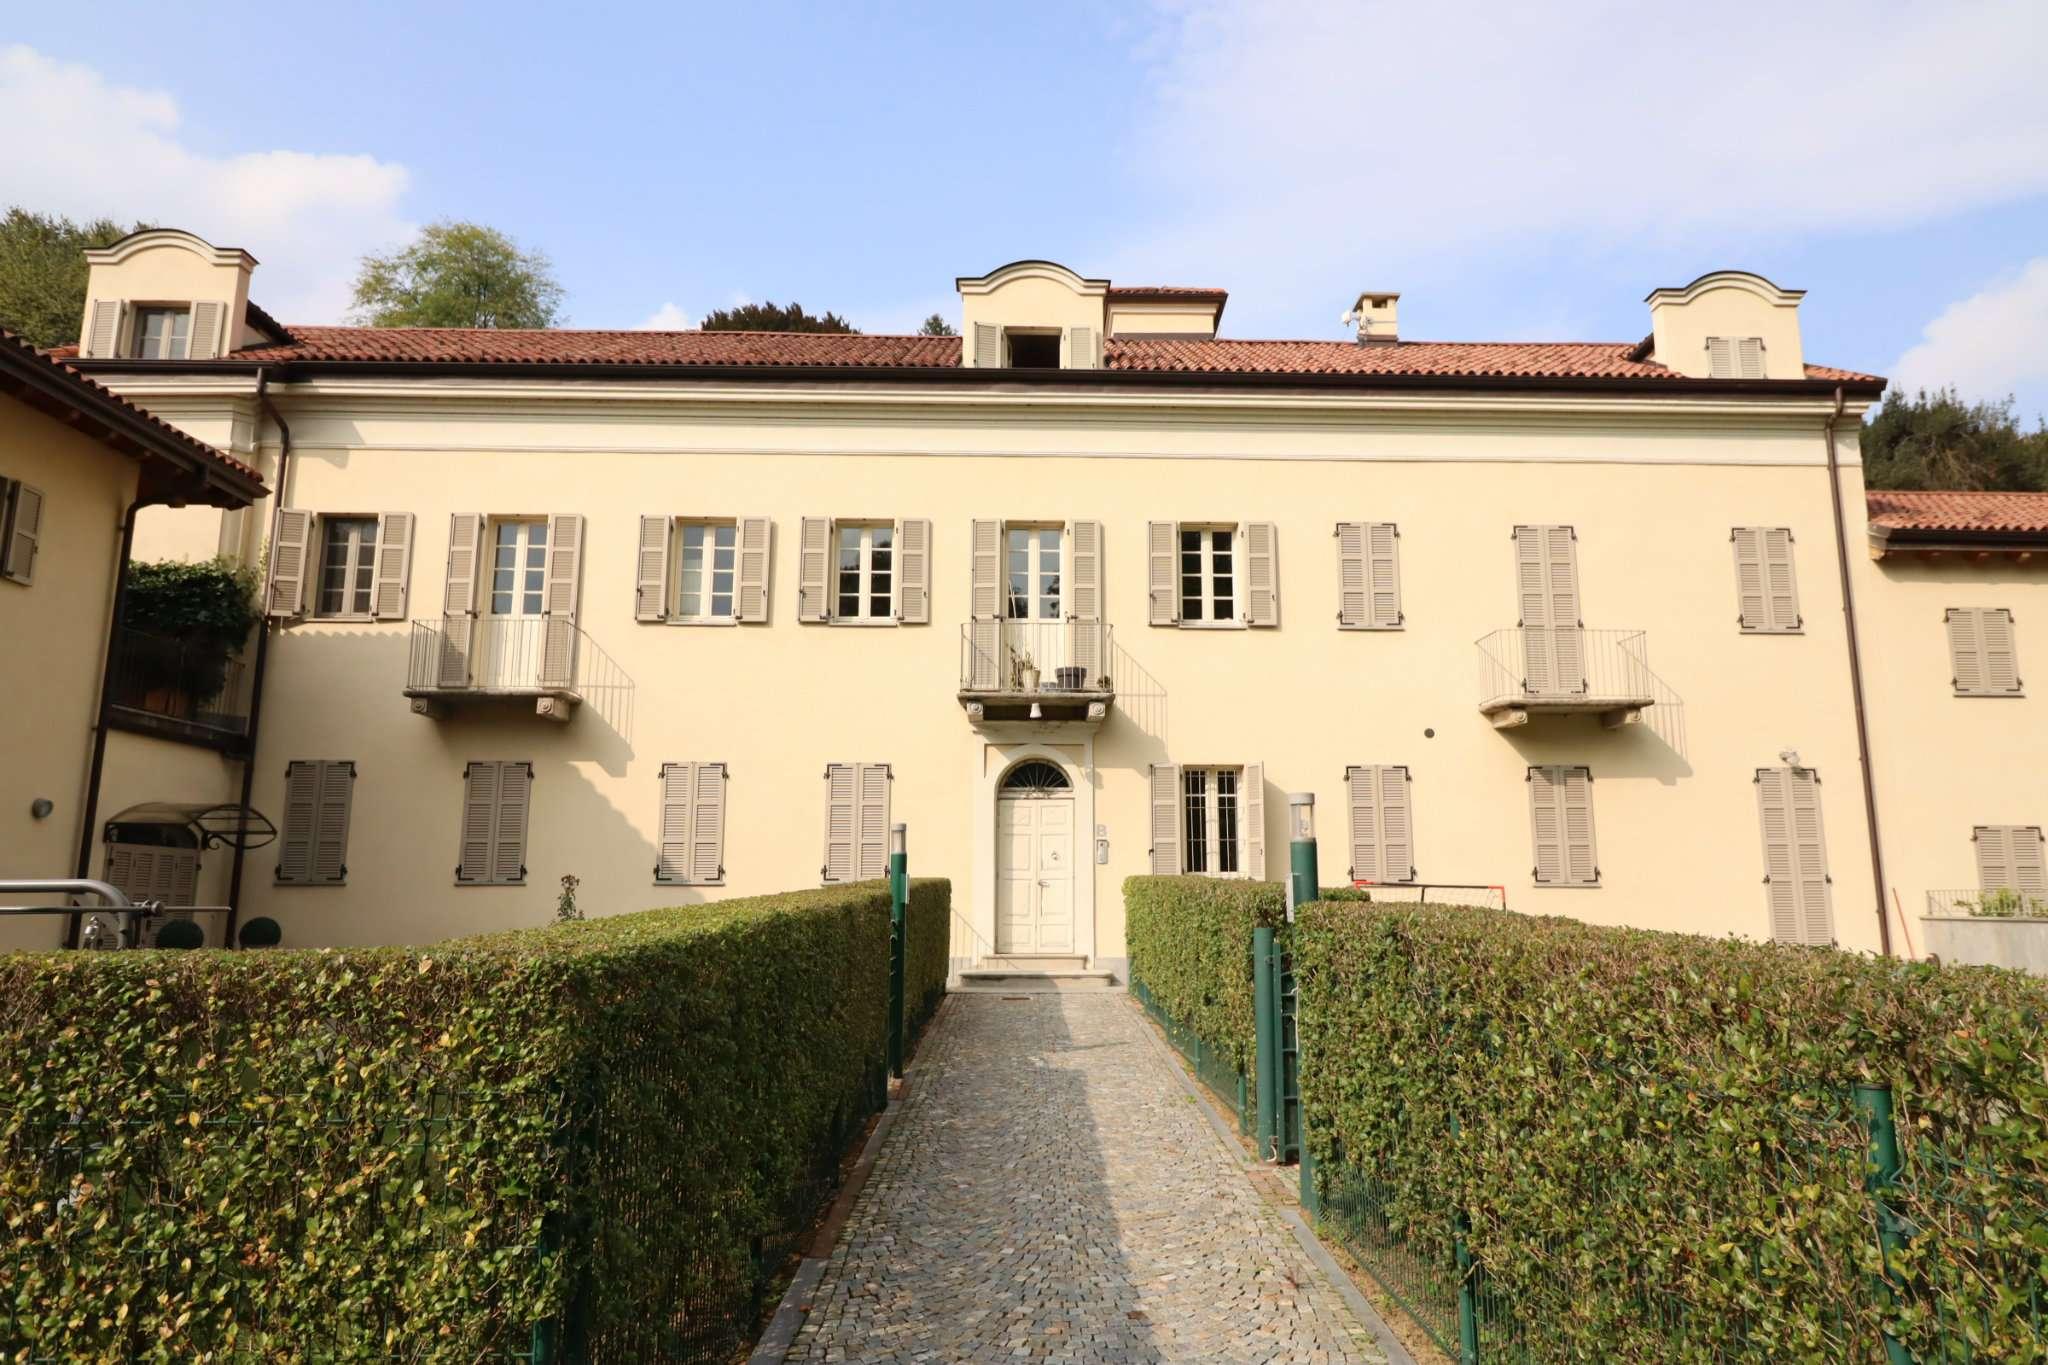 Foto 1 di Quadrilocale strada comunale Superga 21, Torino (zona Precollina, Collina)